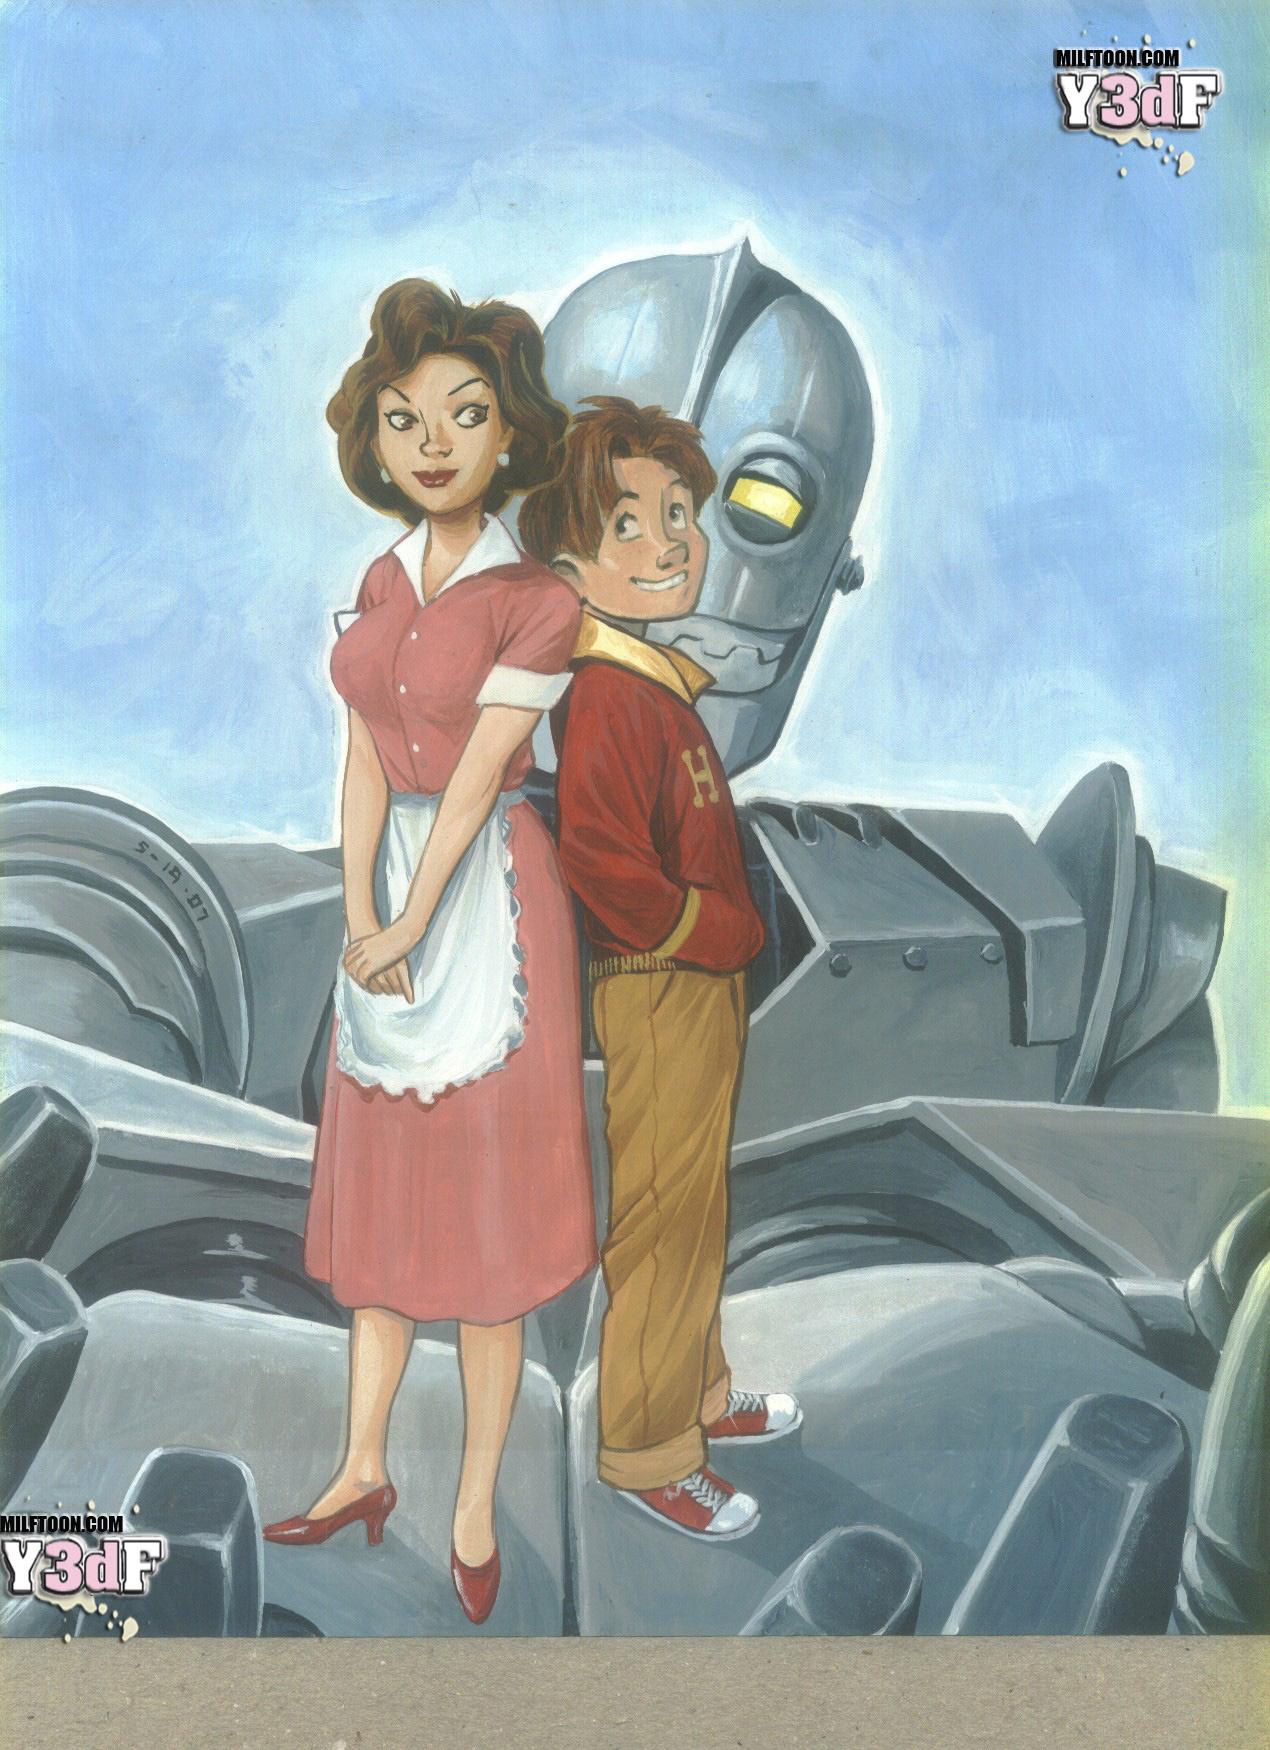 Goodcomix The Iron Giant - [Milftoon] - Iron Giant 1 -  Momy